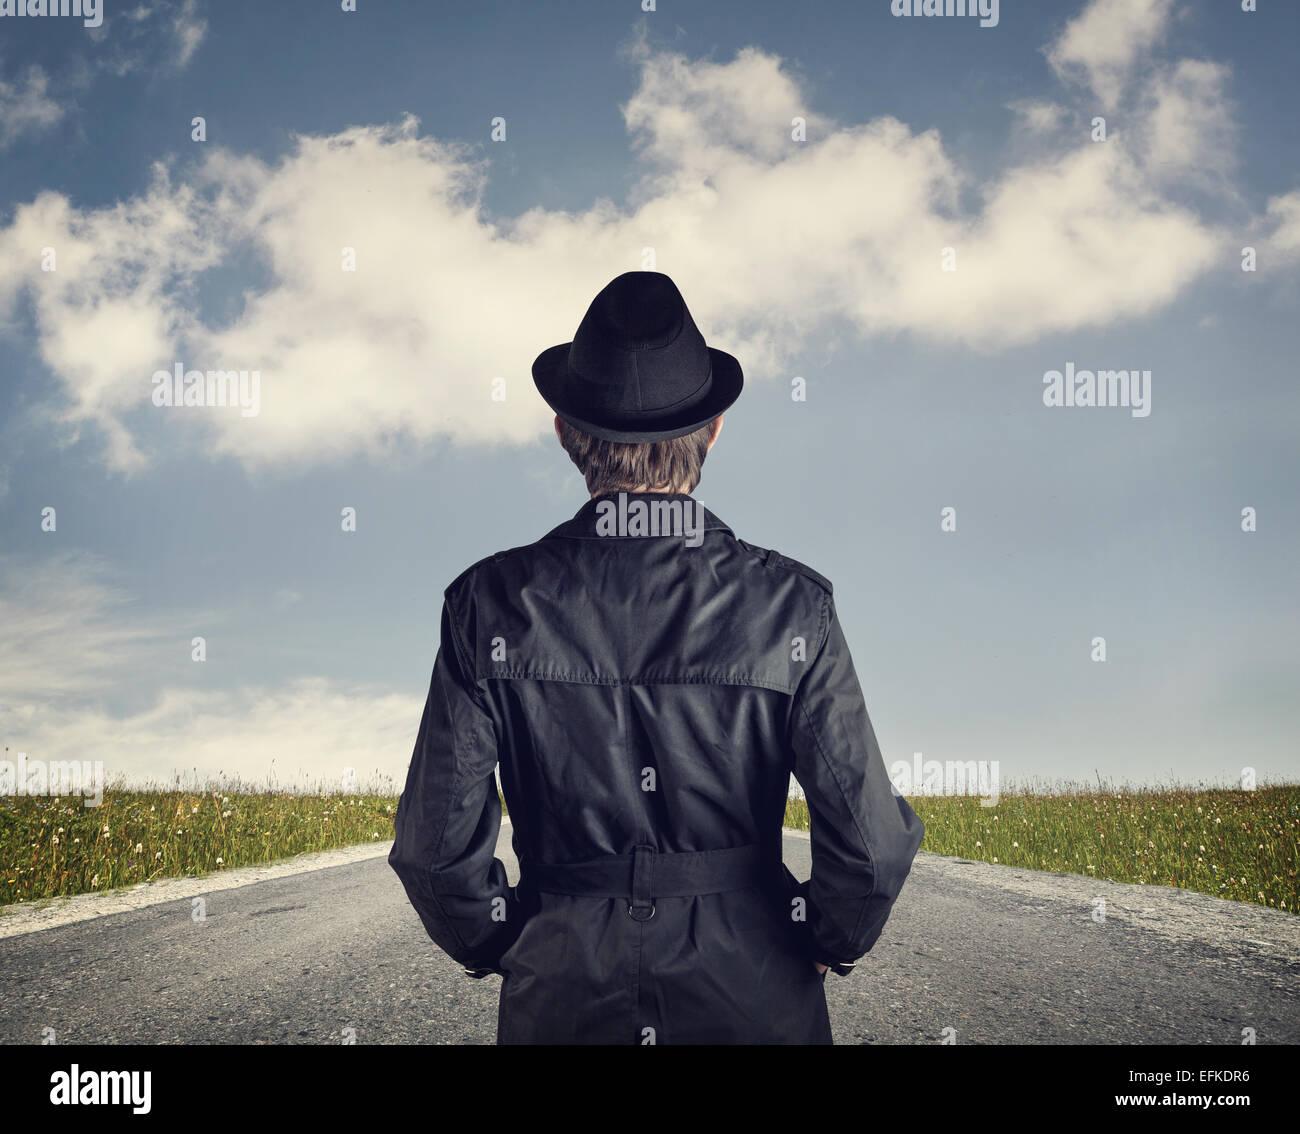 Man in black hat su strada a blu cielo nuvoloso sfondo Immagini Stock